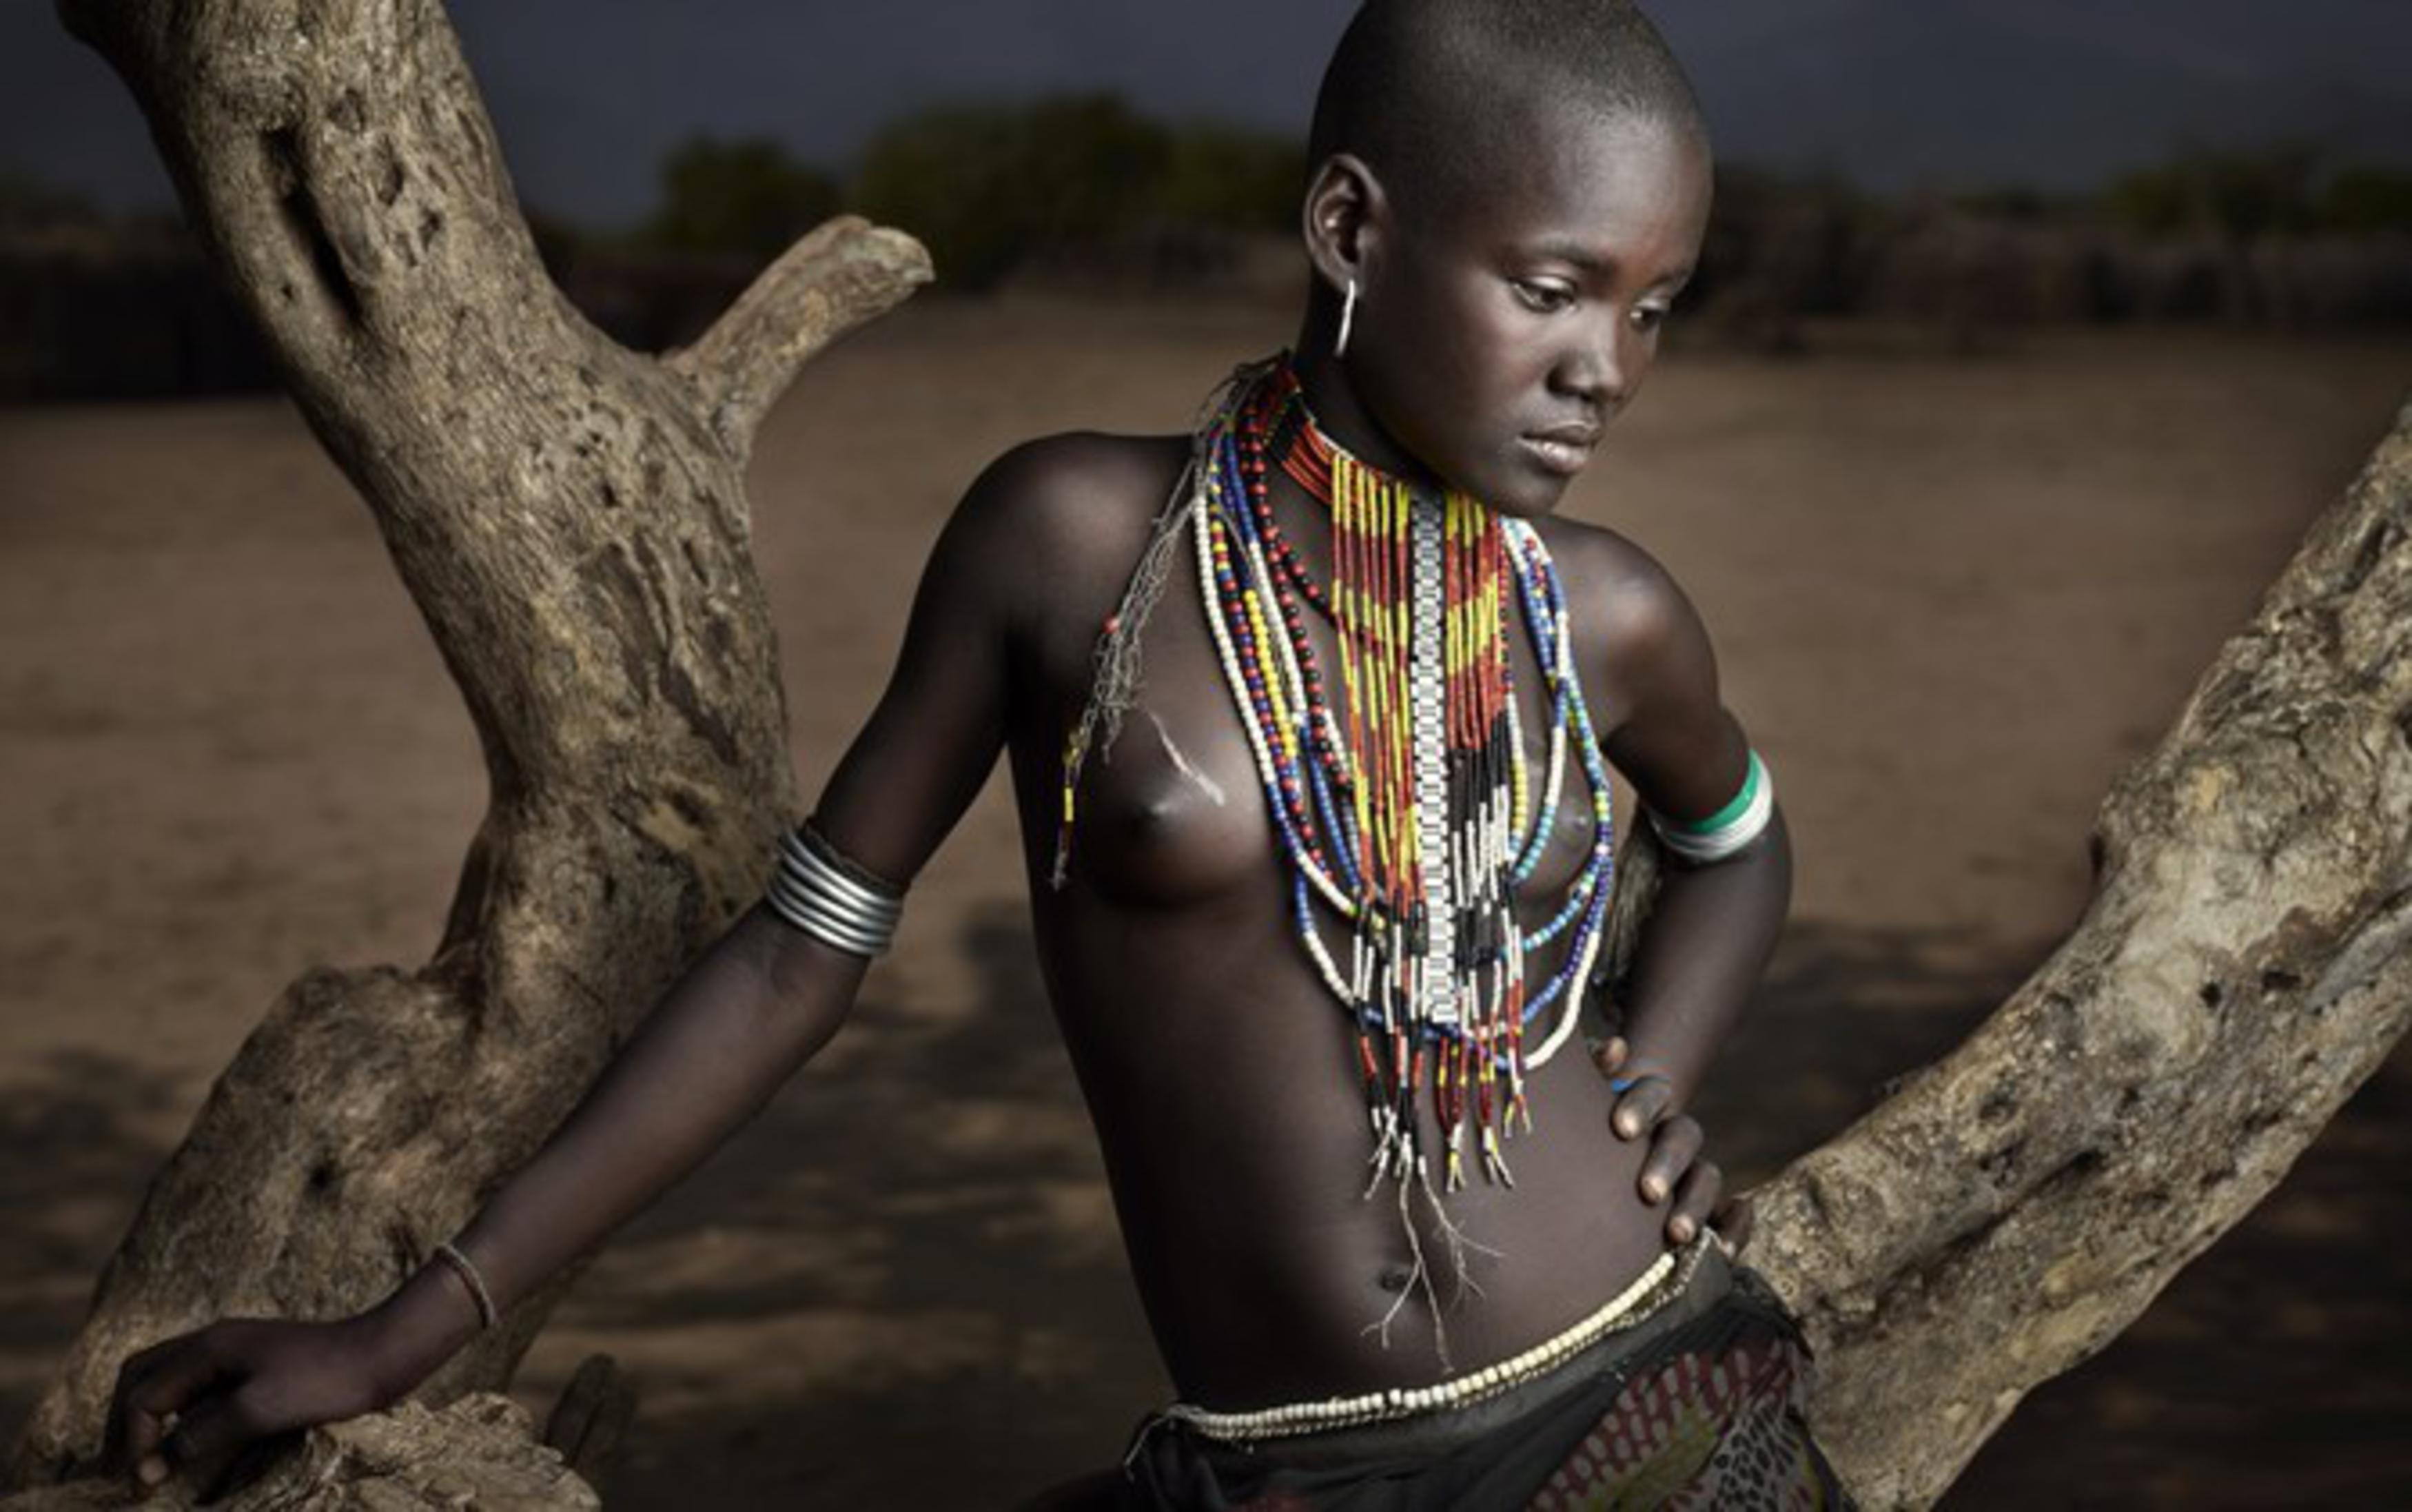 Смотреть бесплатно африканские девушки 2 фотография